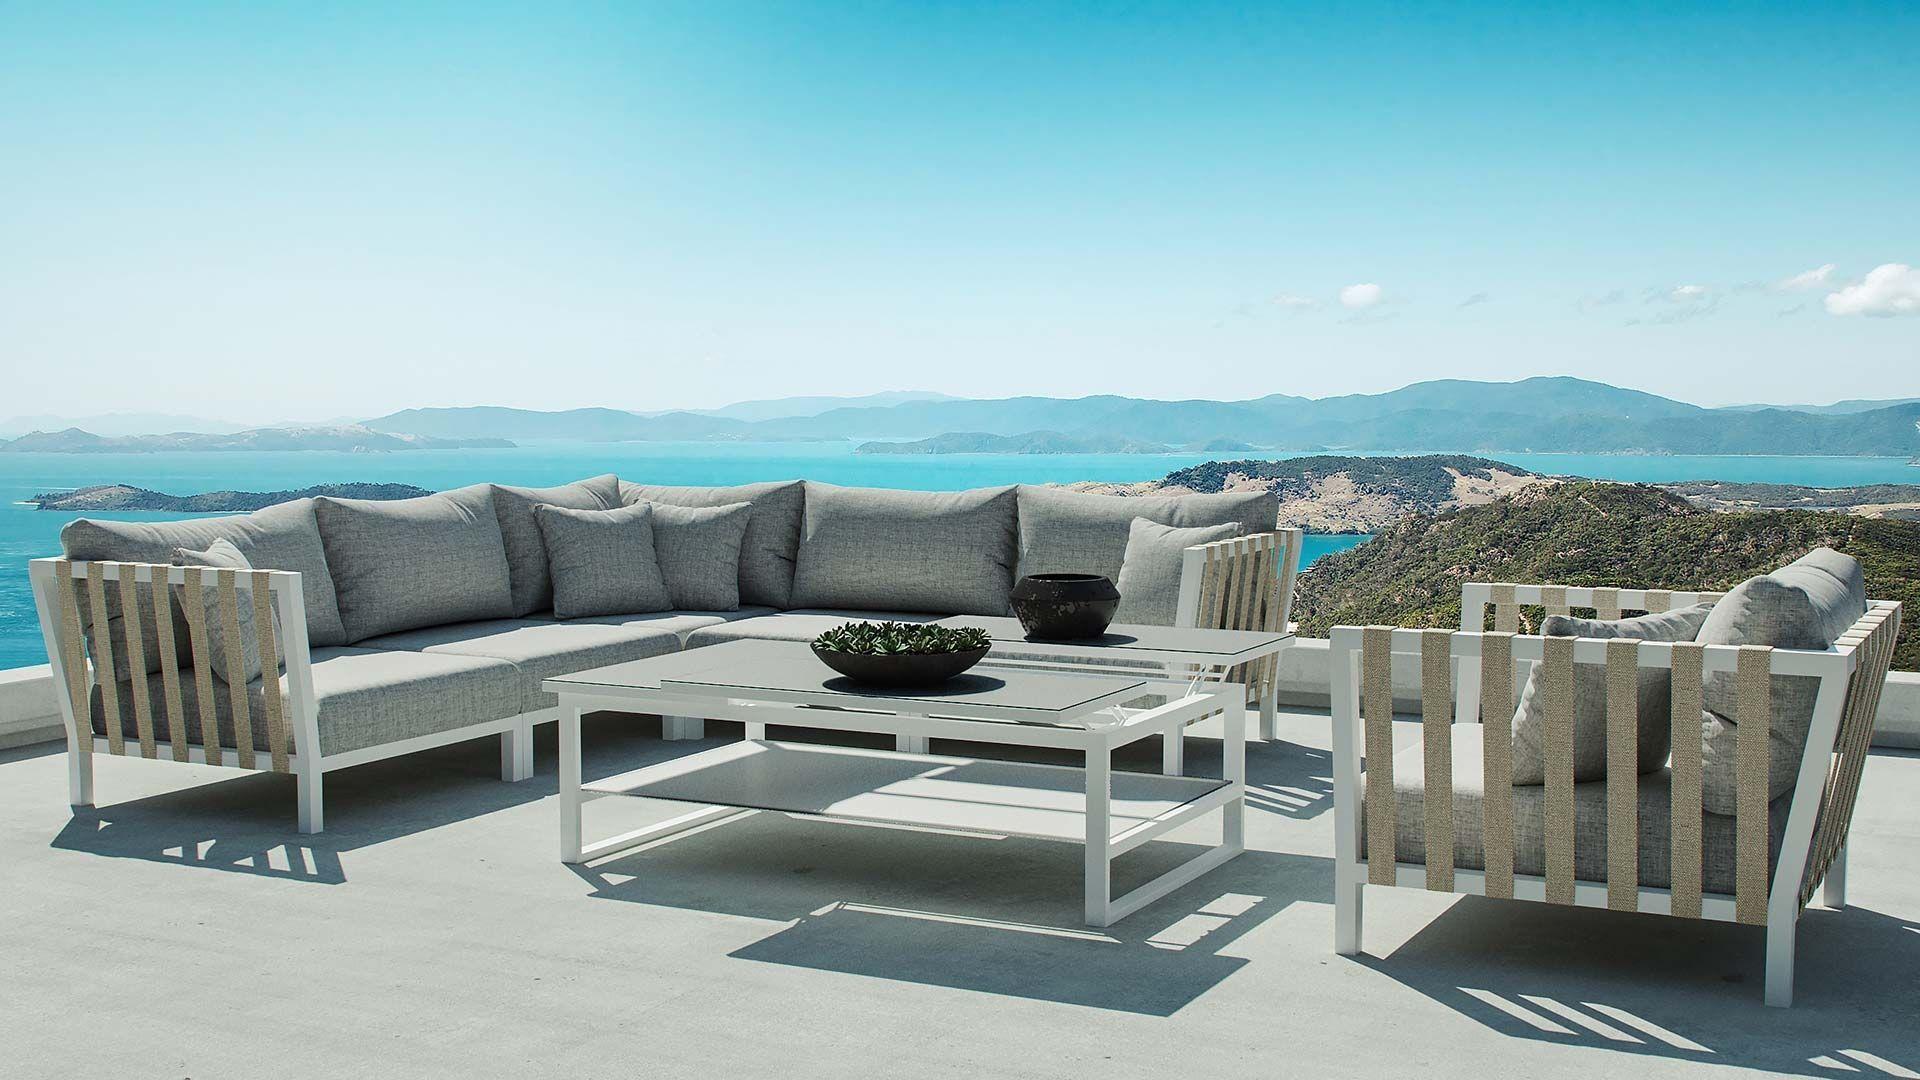 Atika En 2020 Salon De Jardin Aluminium Mobilier Jardin Section Exterieure